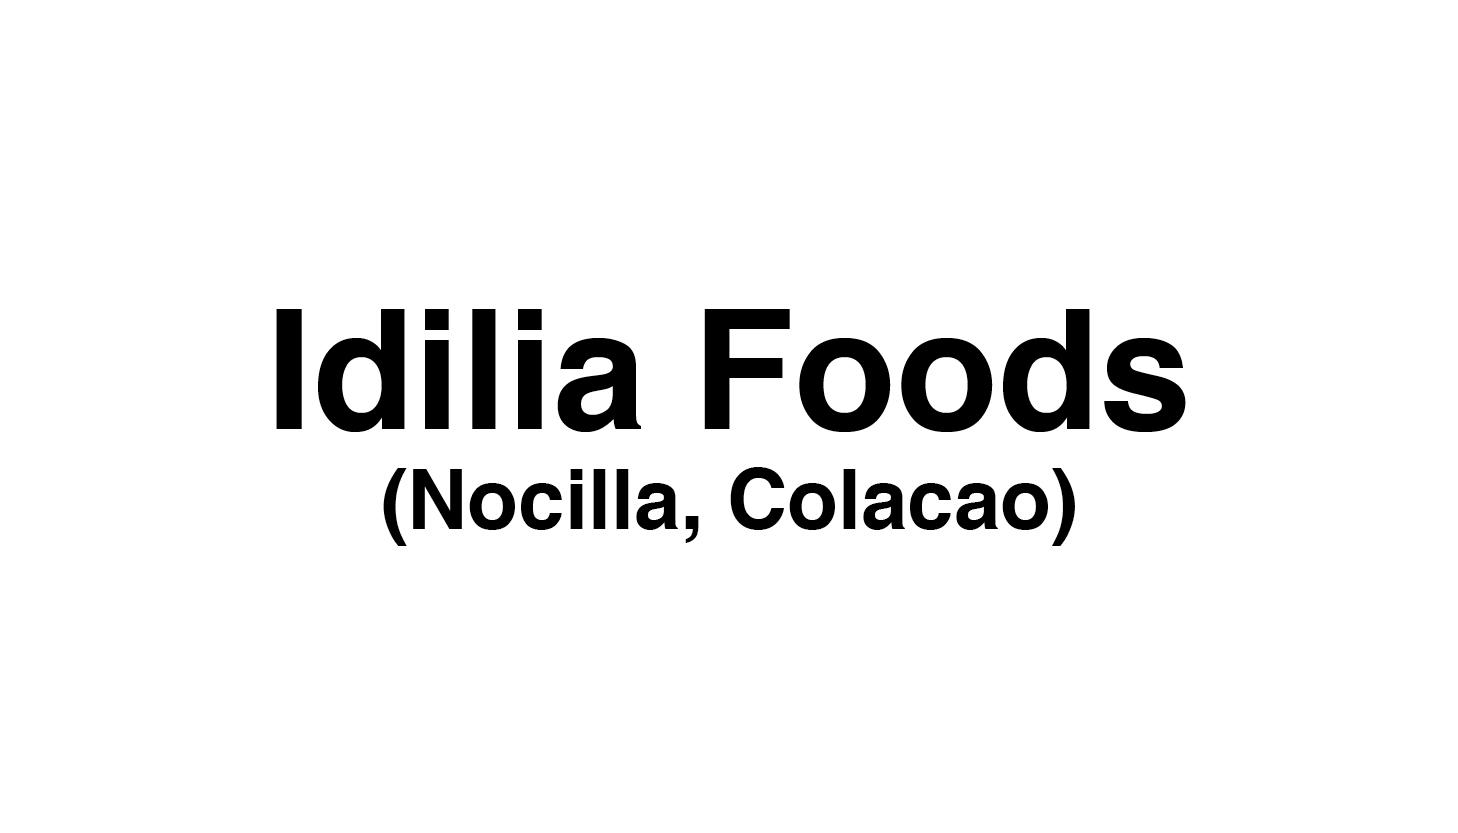 Idilia Foods